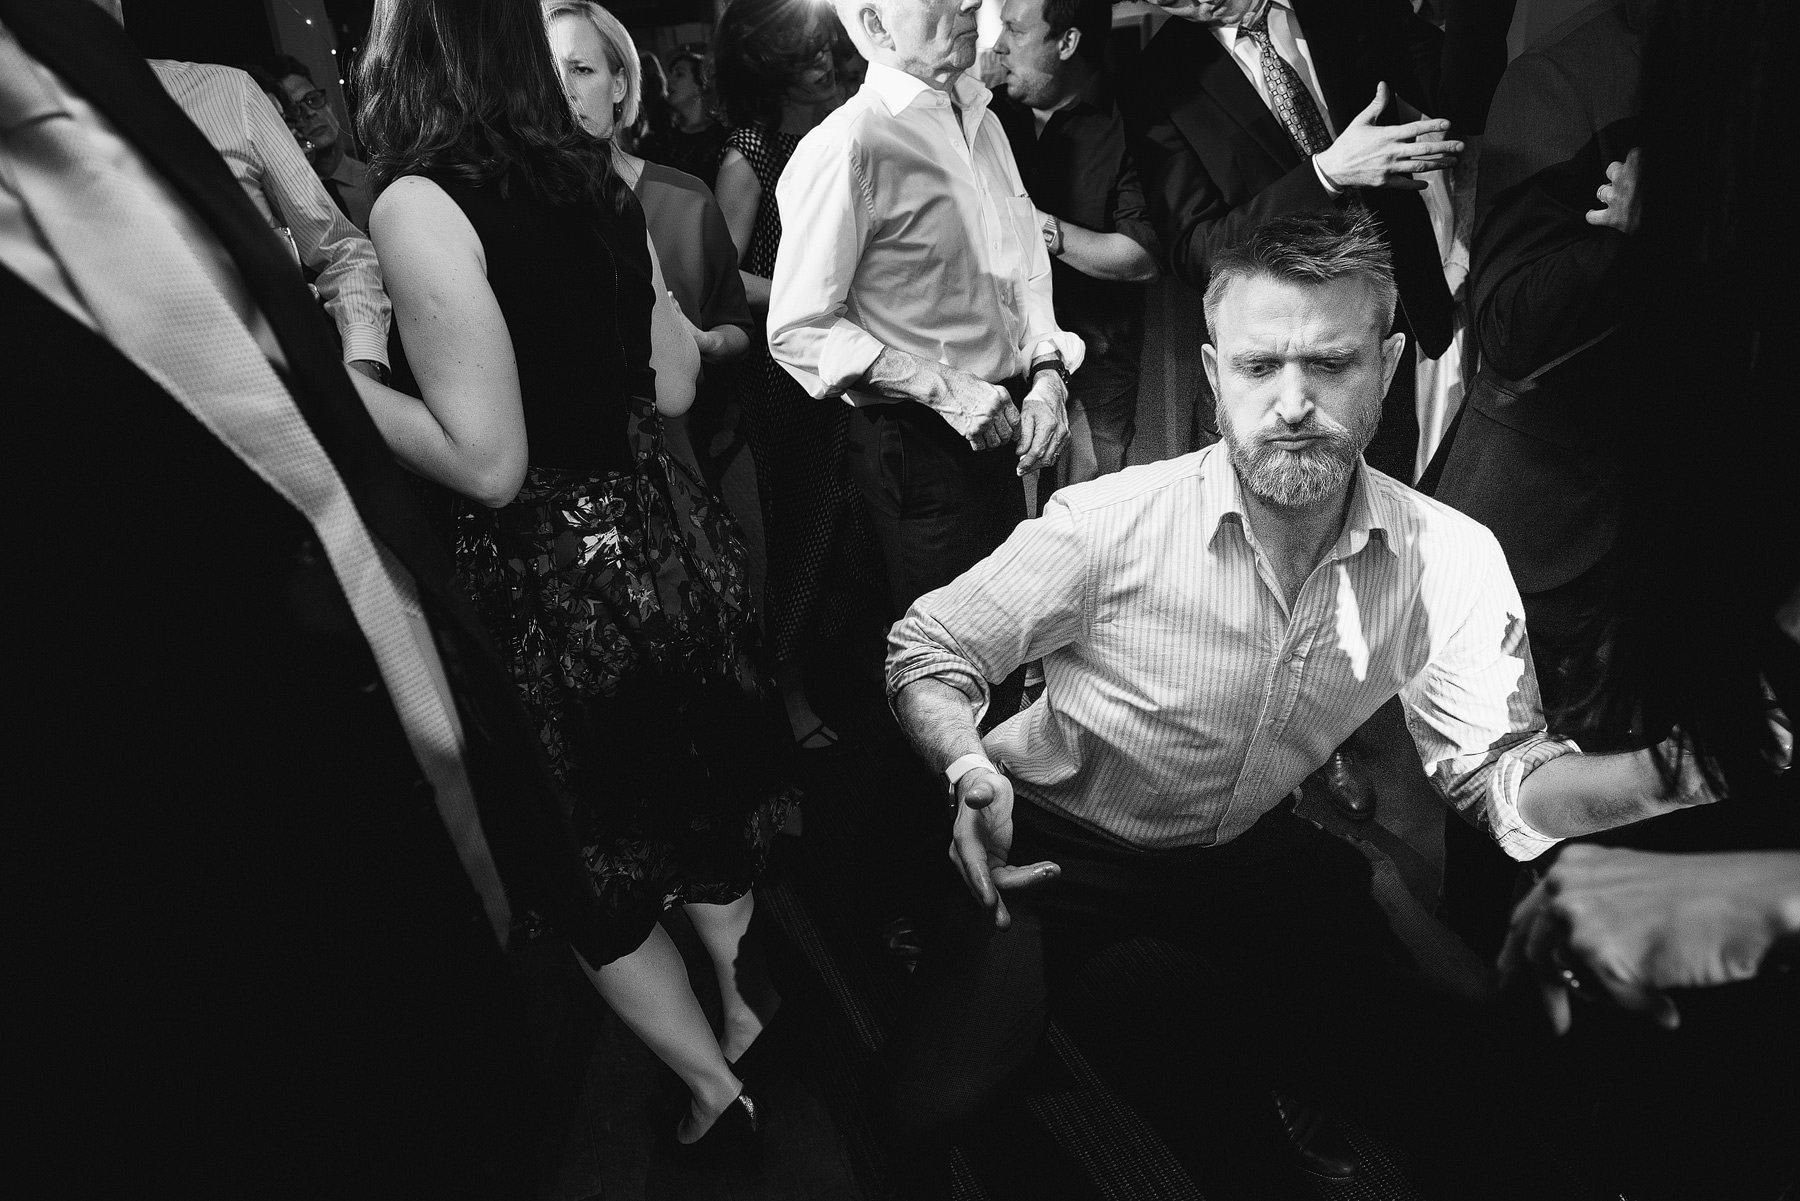 wedding guest funky dancing